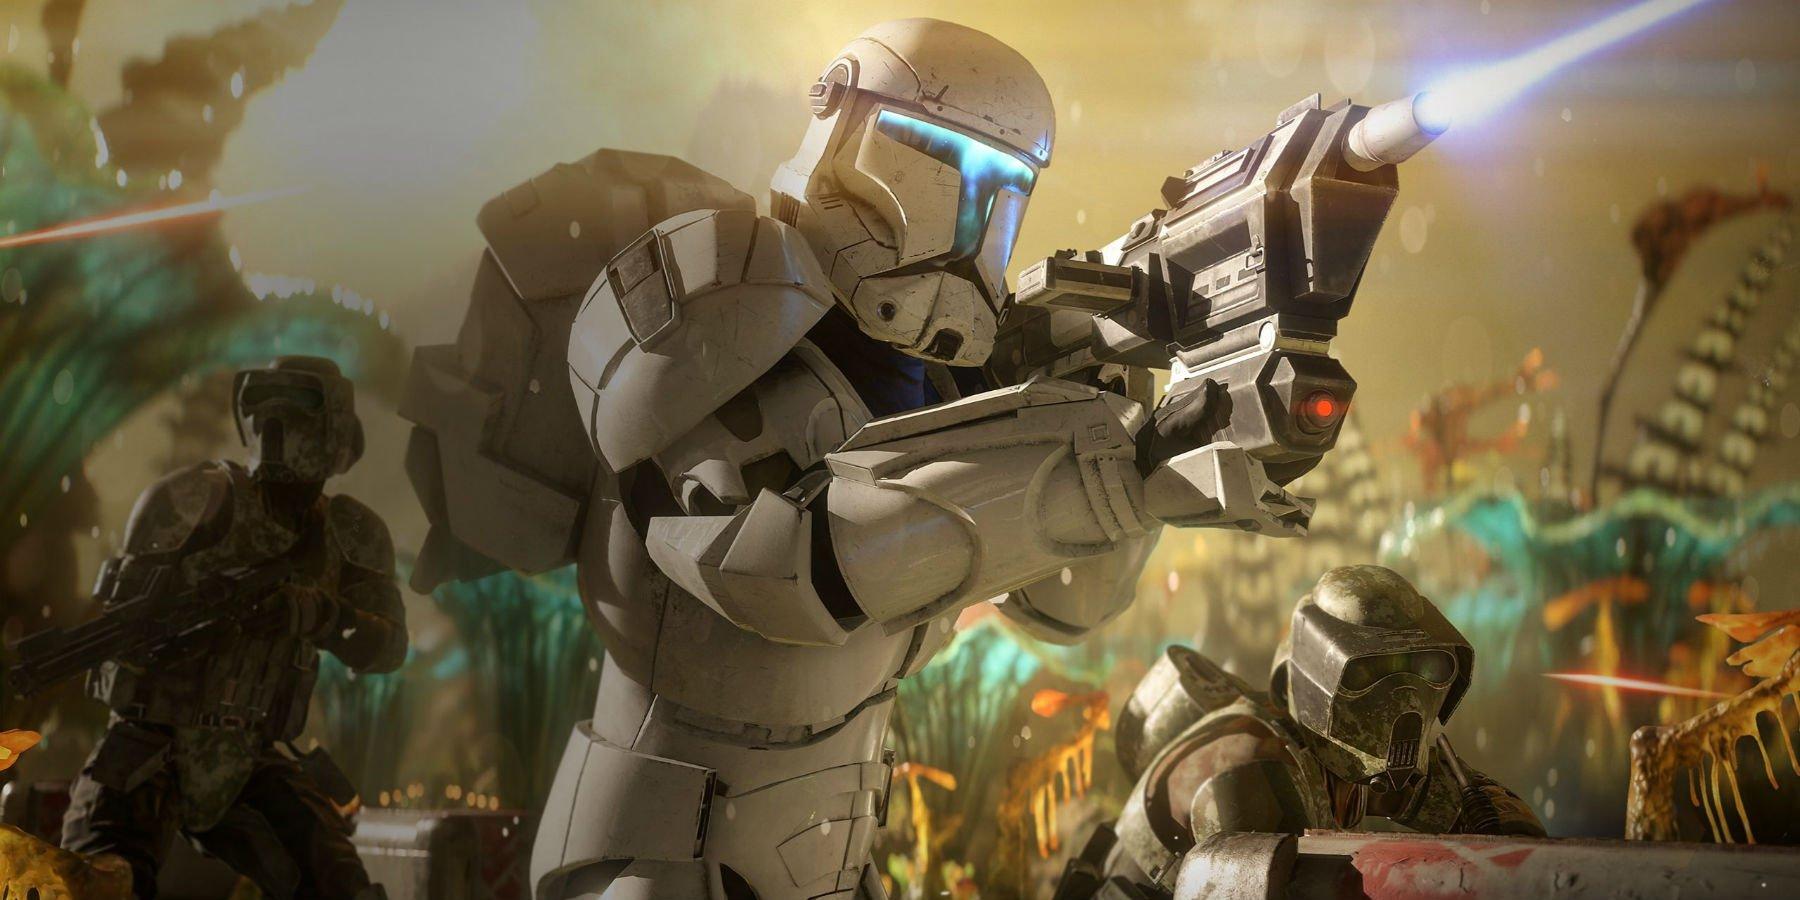 Обновление Starone Battlefront 2 - Clone Commando появилось на этой неделе